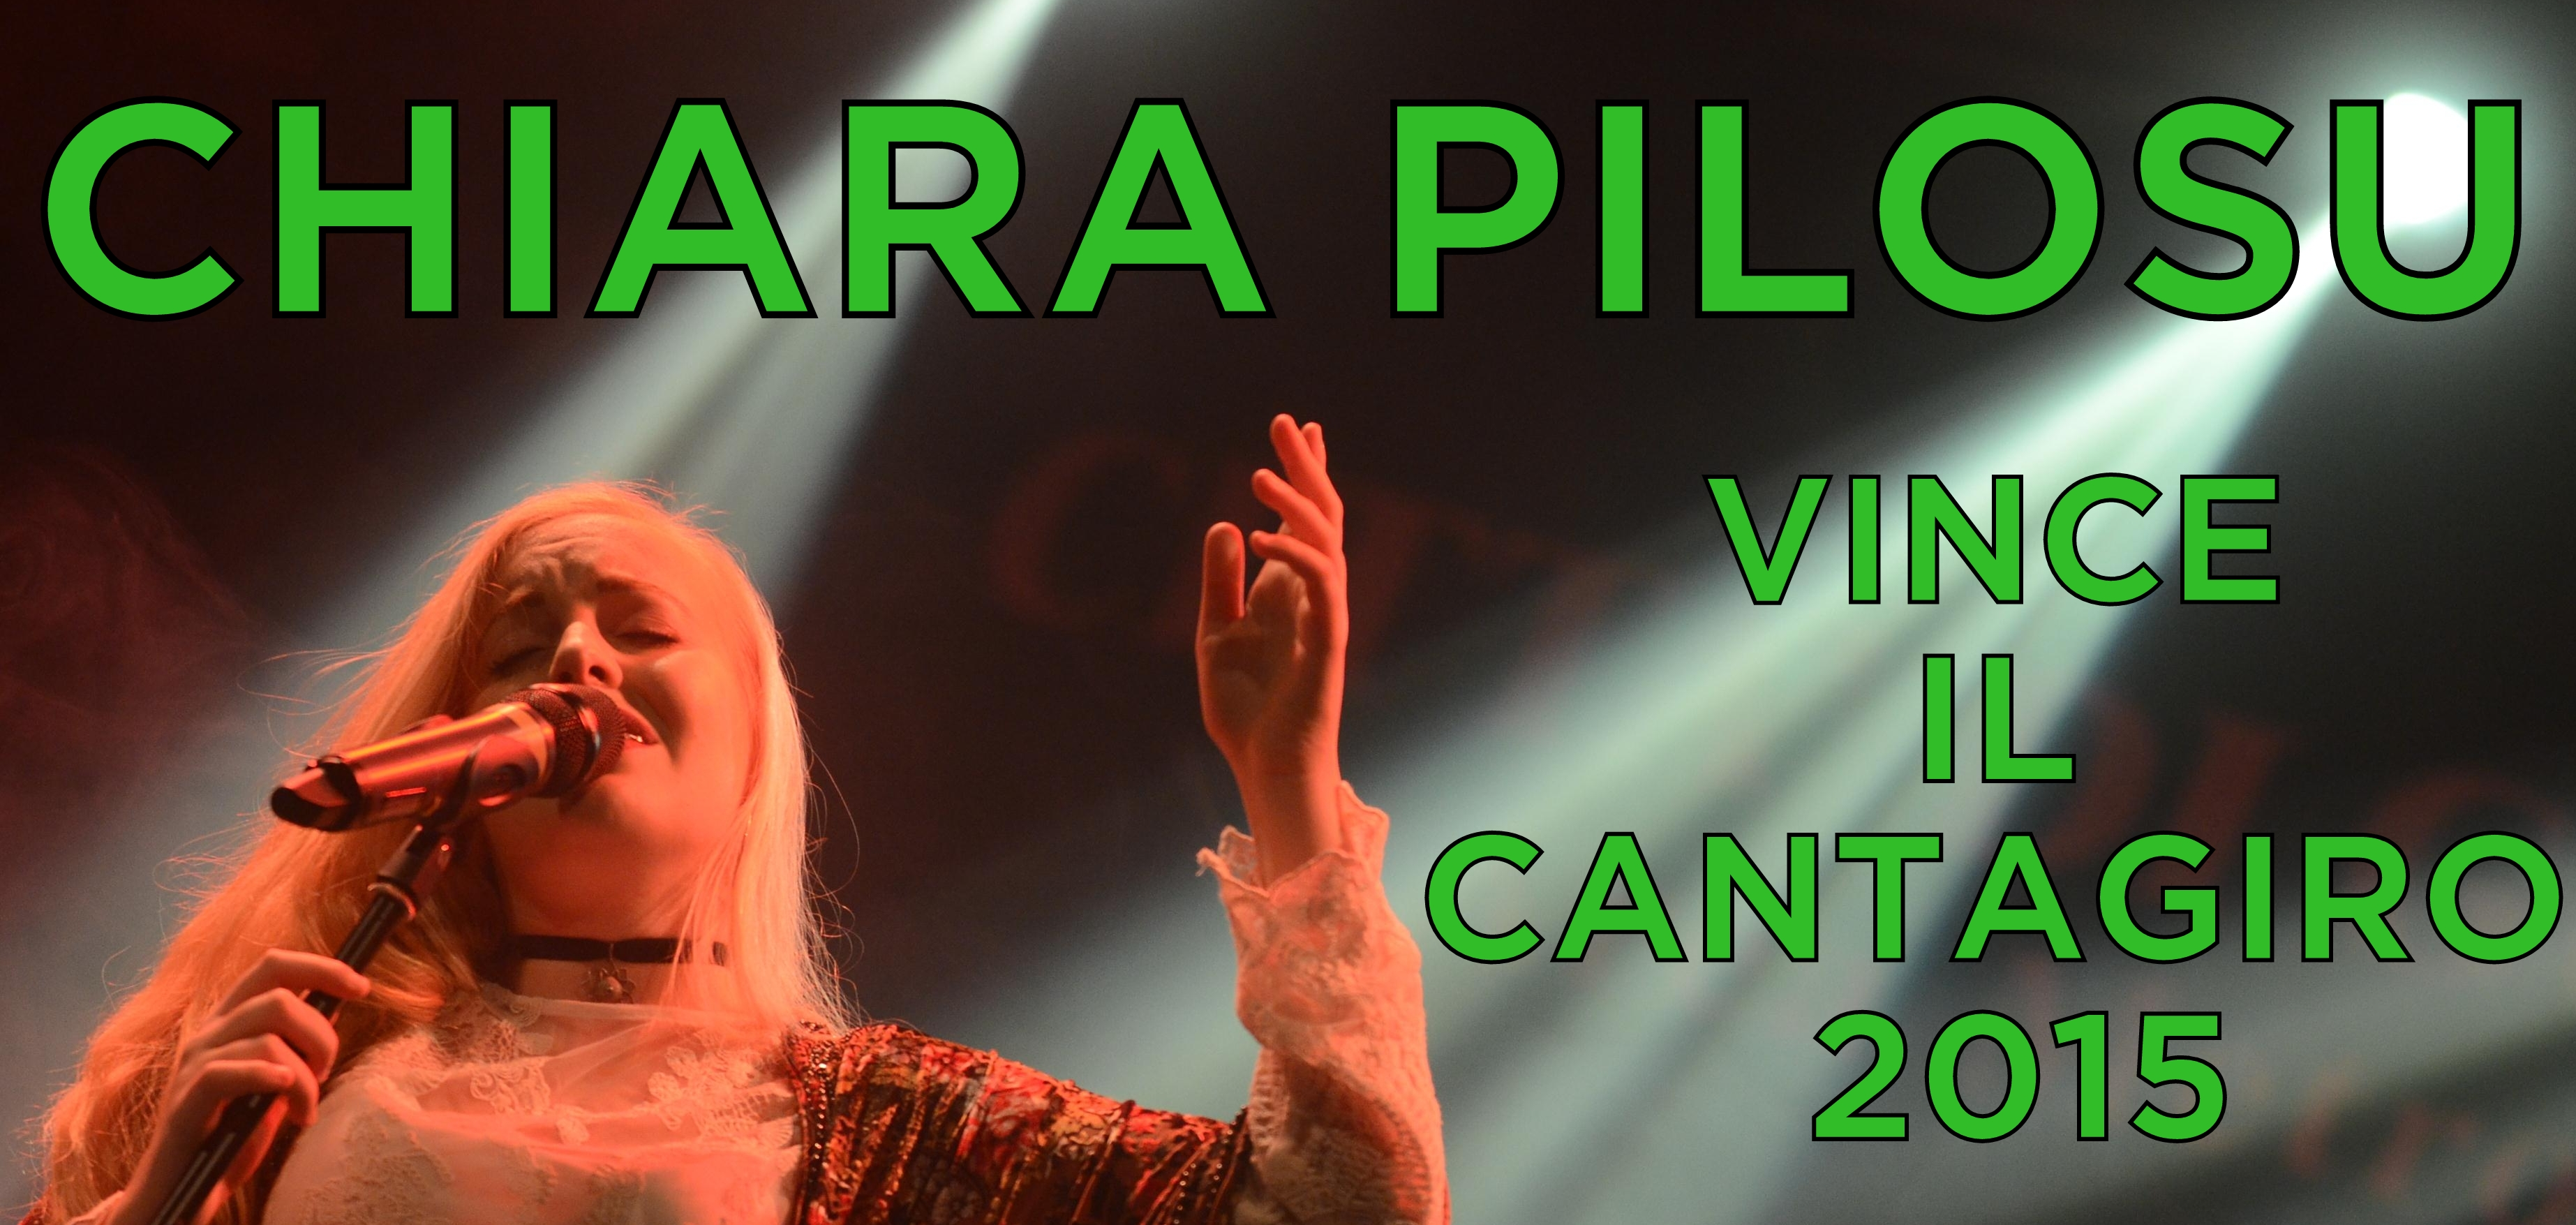 Chiara Pilosu vince il Cantagiro 2015!